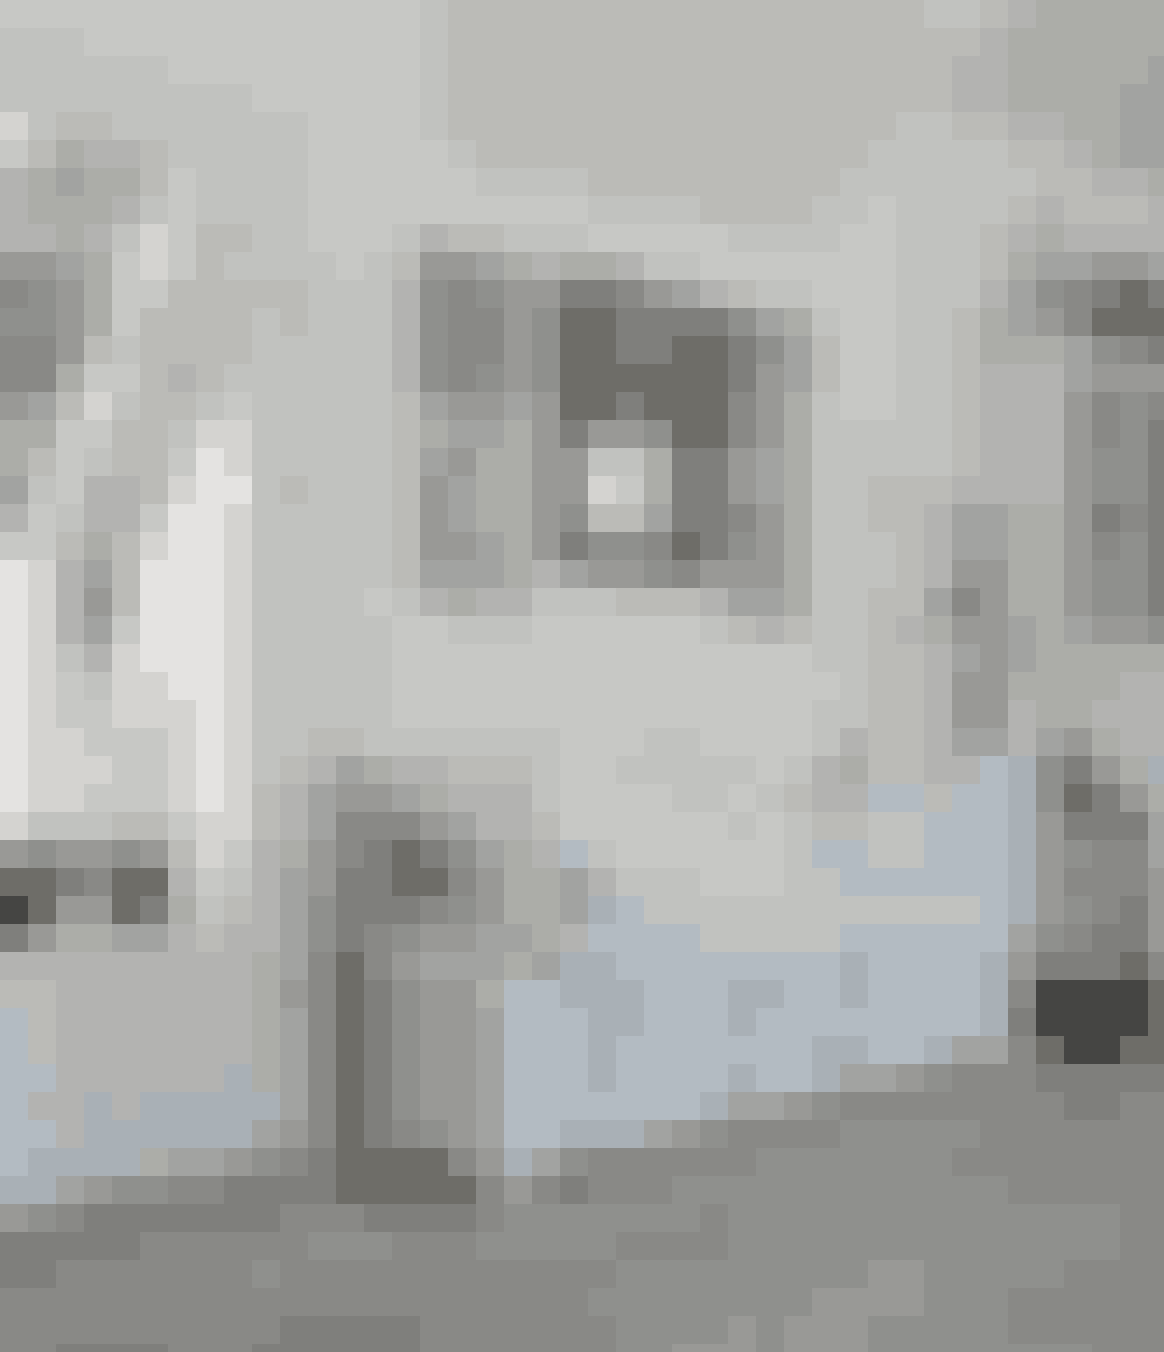 Giv det hvide modspil og hæng billeder med forskellige motiver op i farvede rammer.